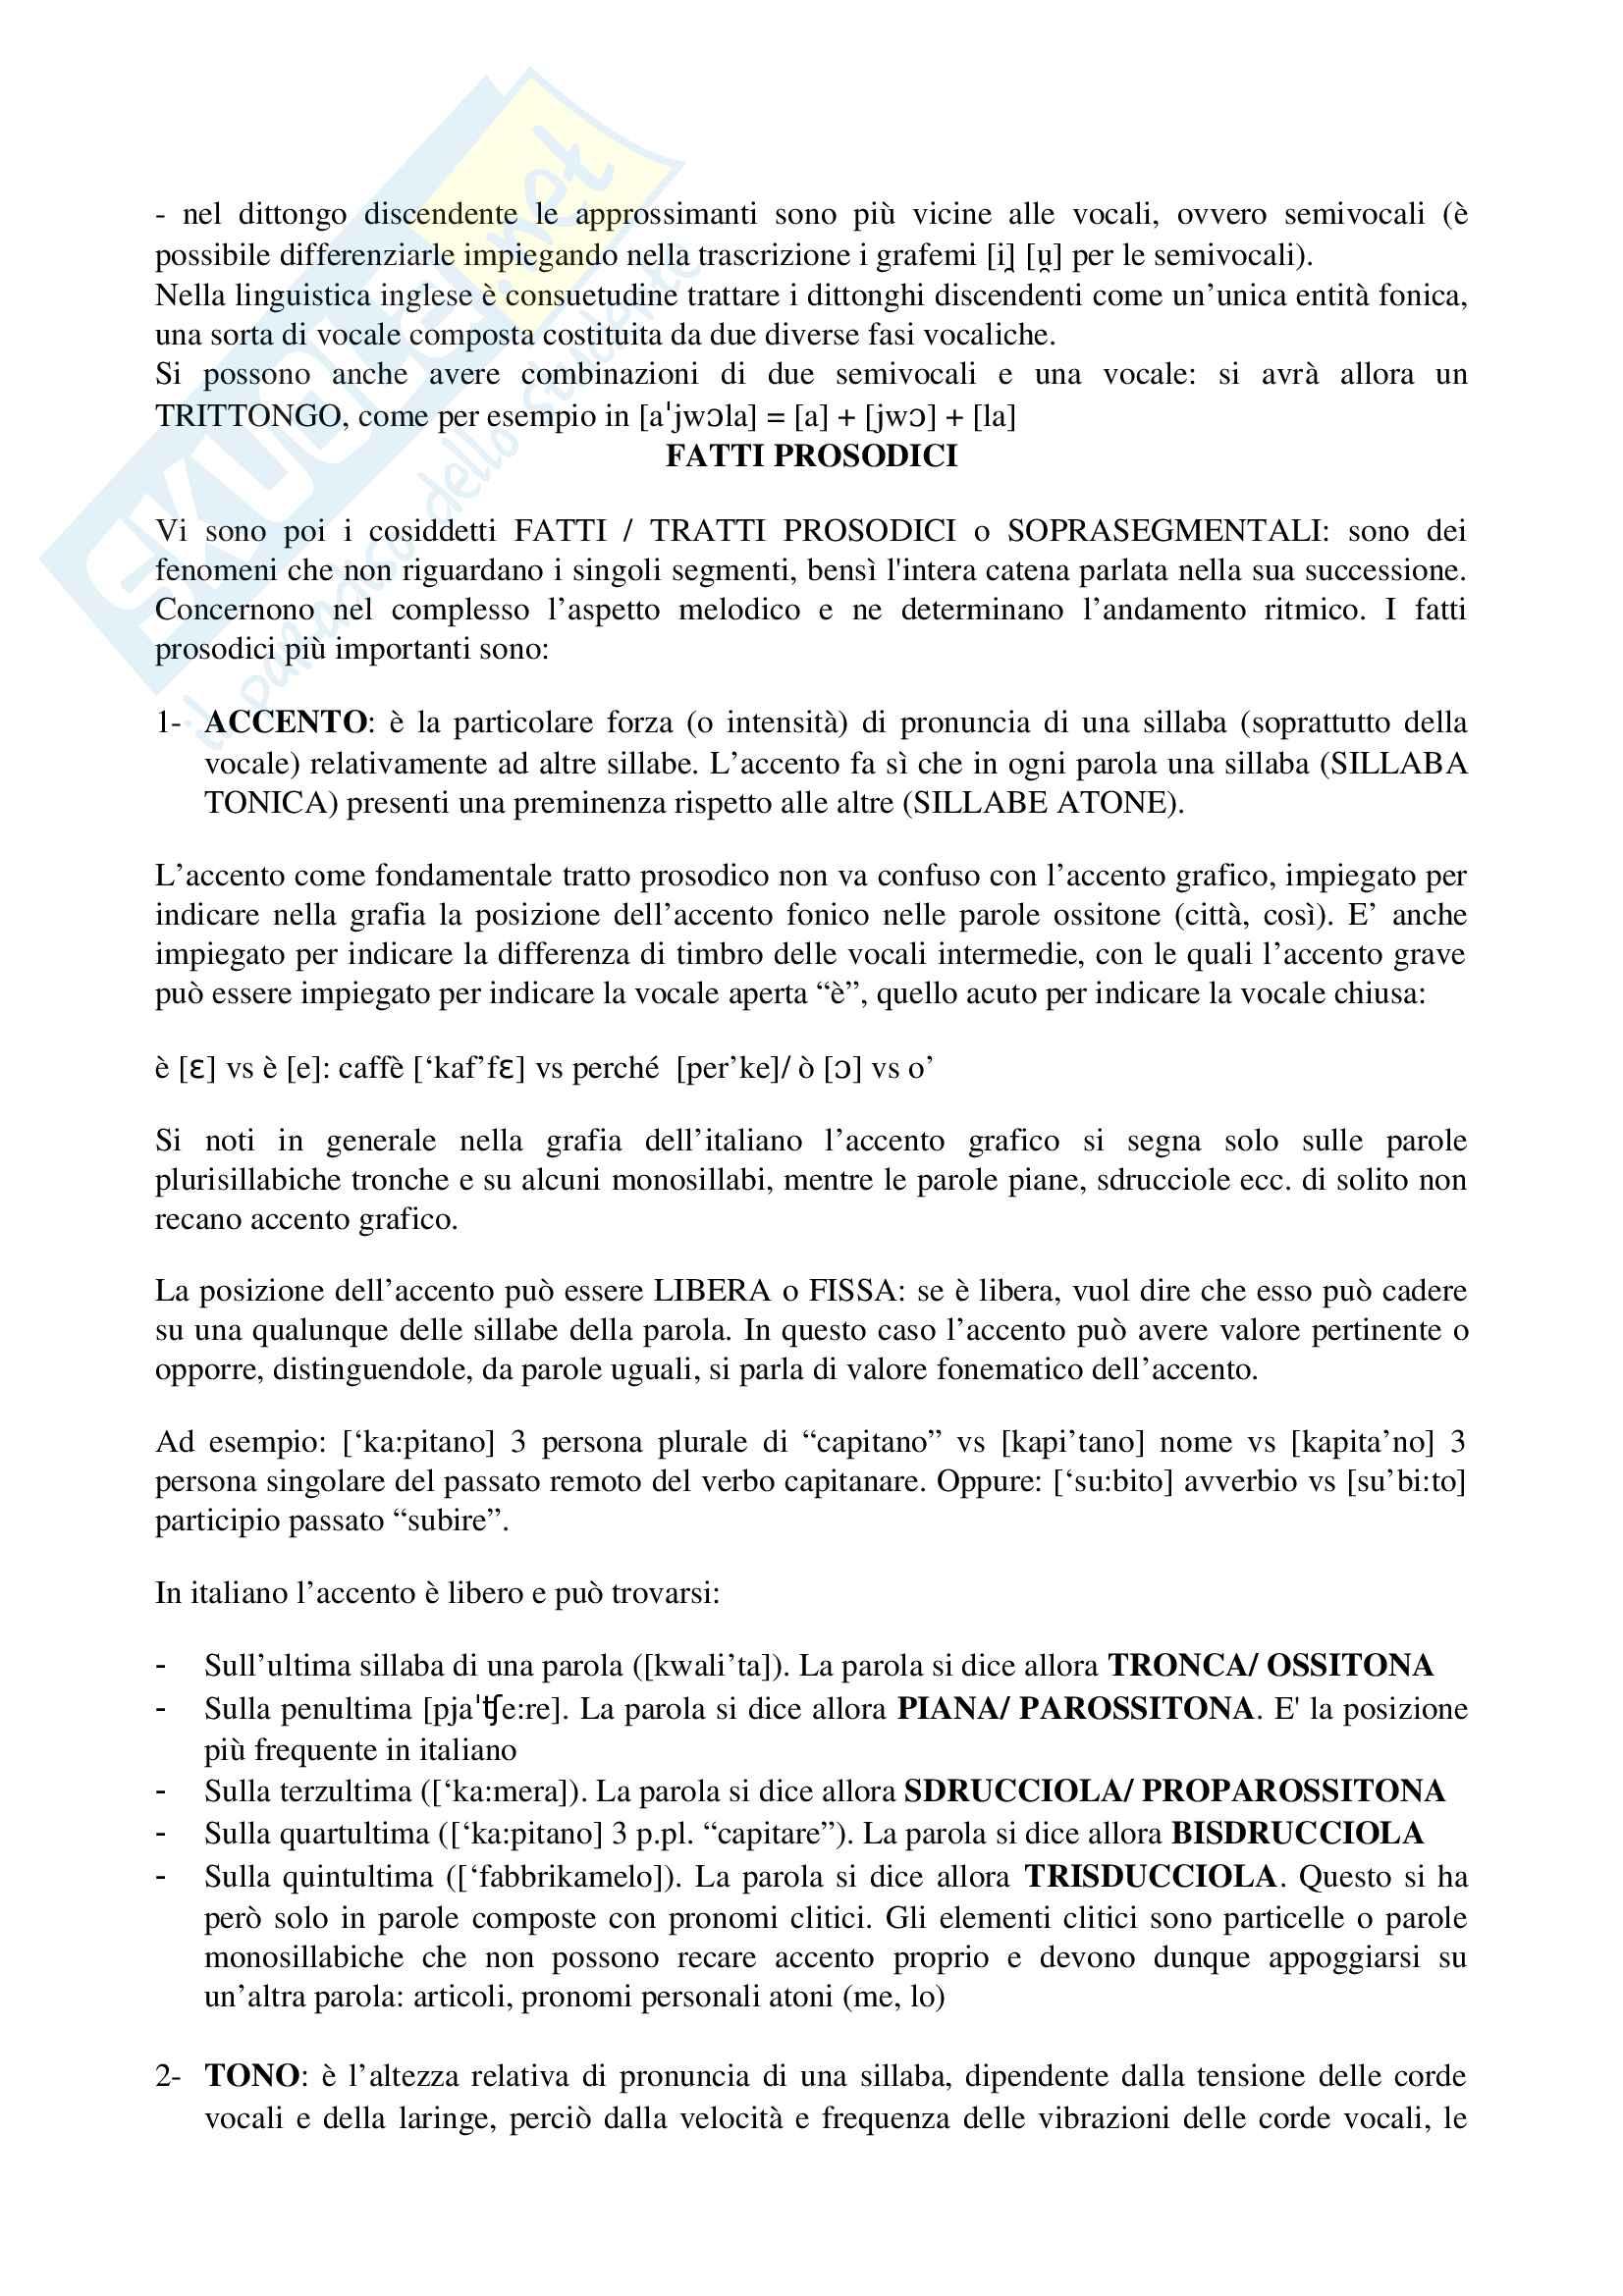 """Riassunto esame Linguistica Generale, prof Benvenuto, libro consigliato: La linguistica. Un corso introduttivo"""", Berruto, Cerruti, 2017 Pag. 36"""